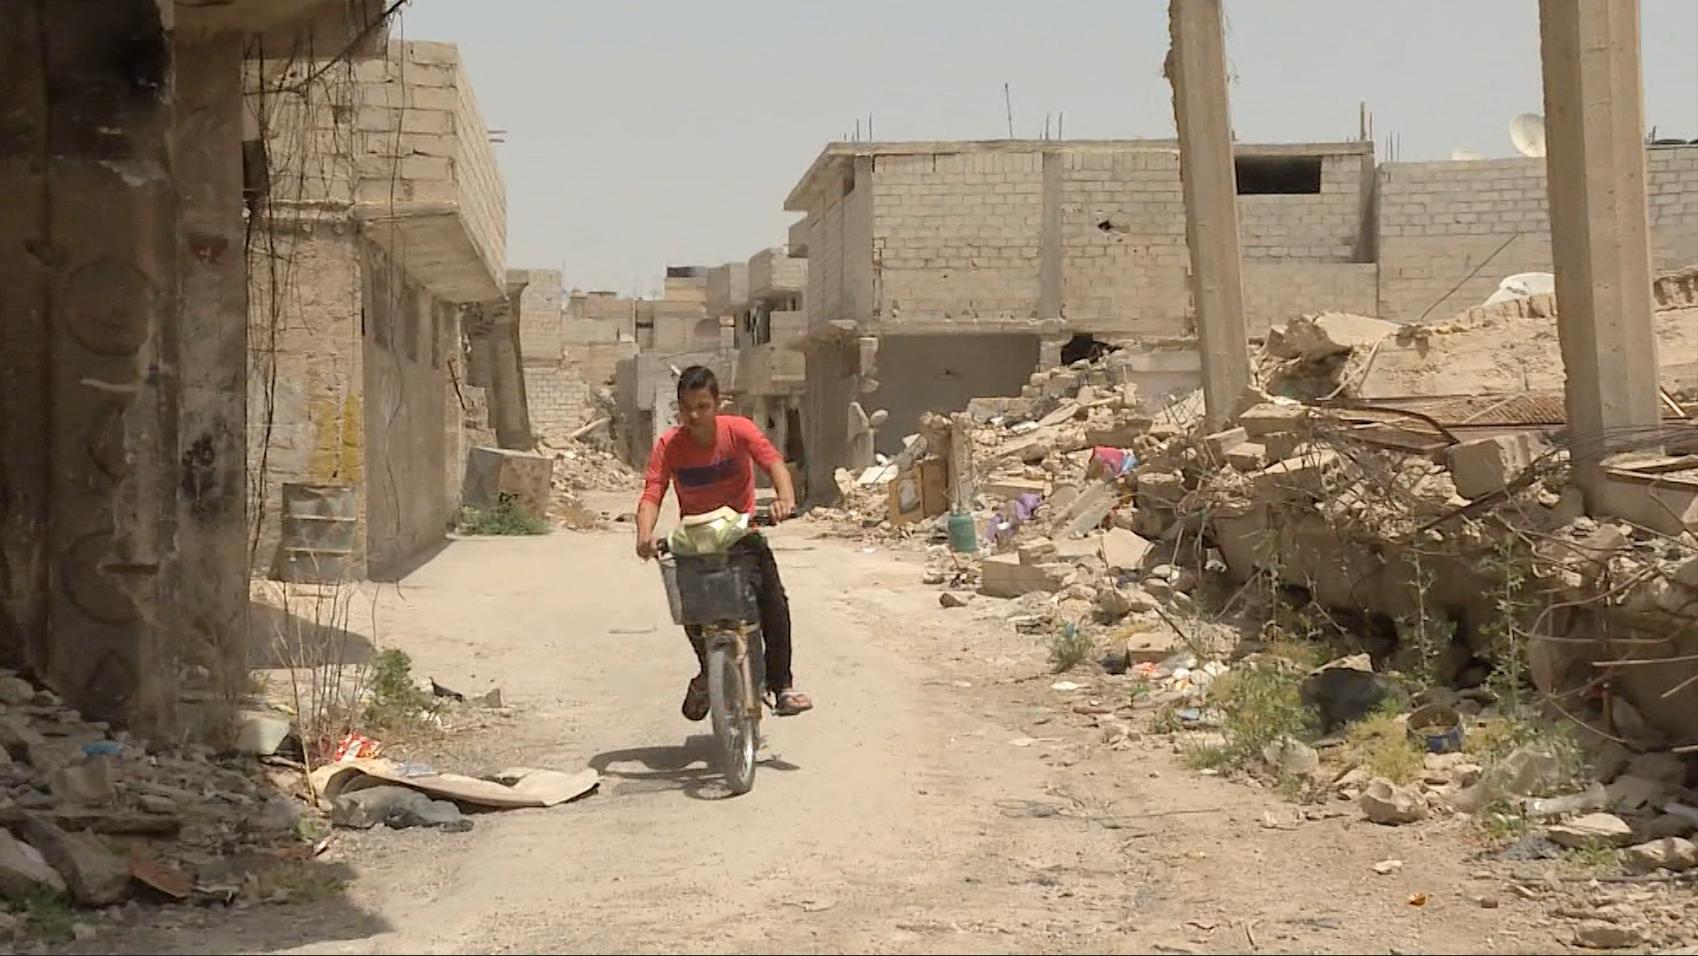 بالفيديو: هل ستجد سوريا حلها بيدها؟ أم أن تدخل الأمم المتحدة هو الوحيد الذي سيرضي الجميع؟